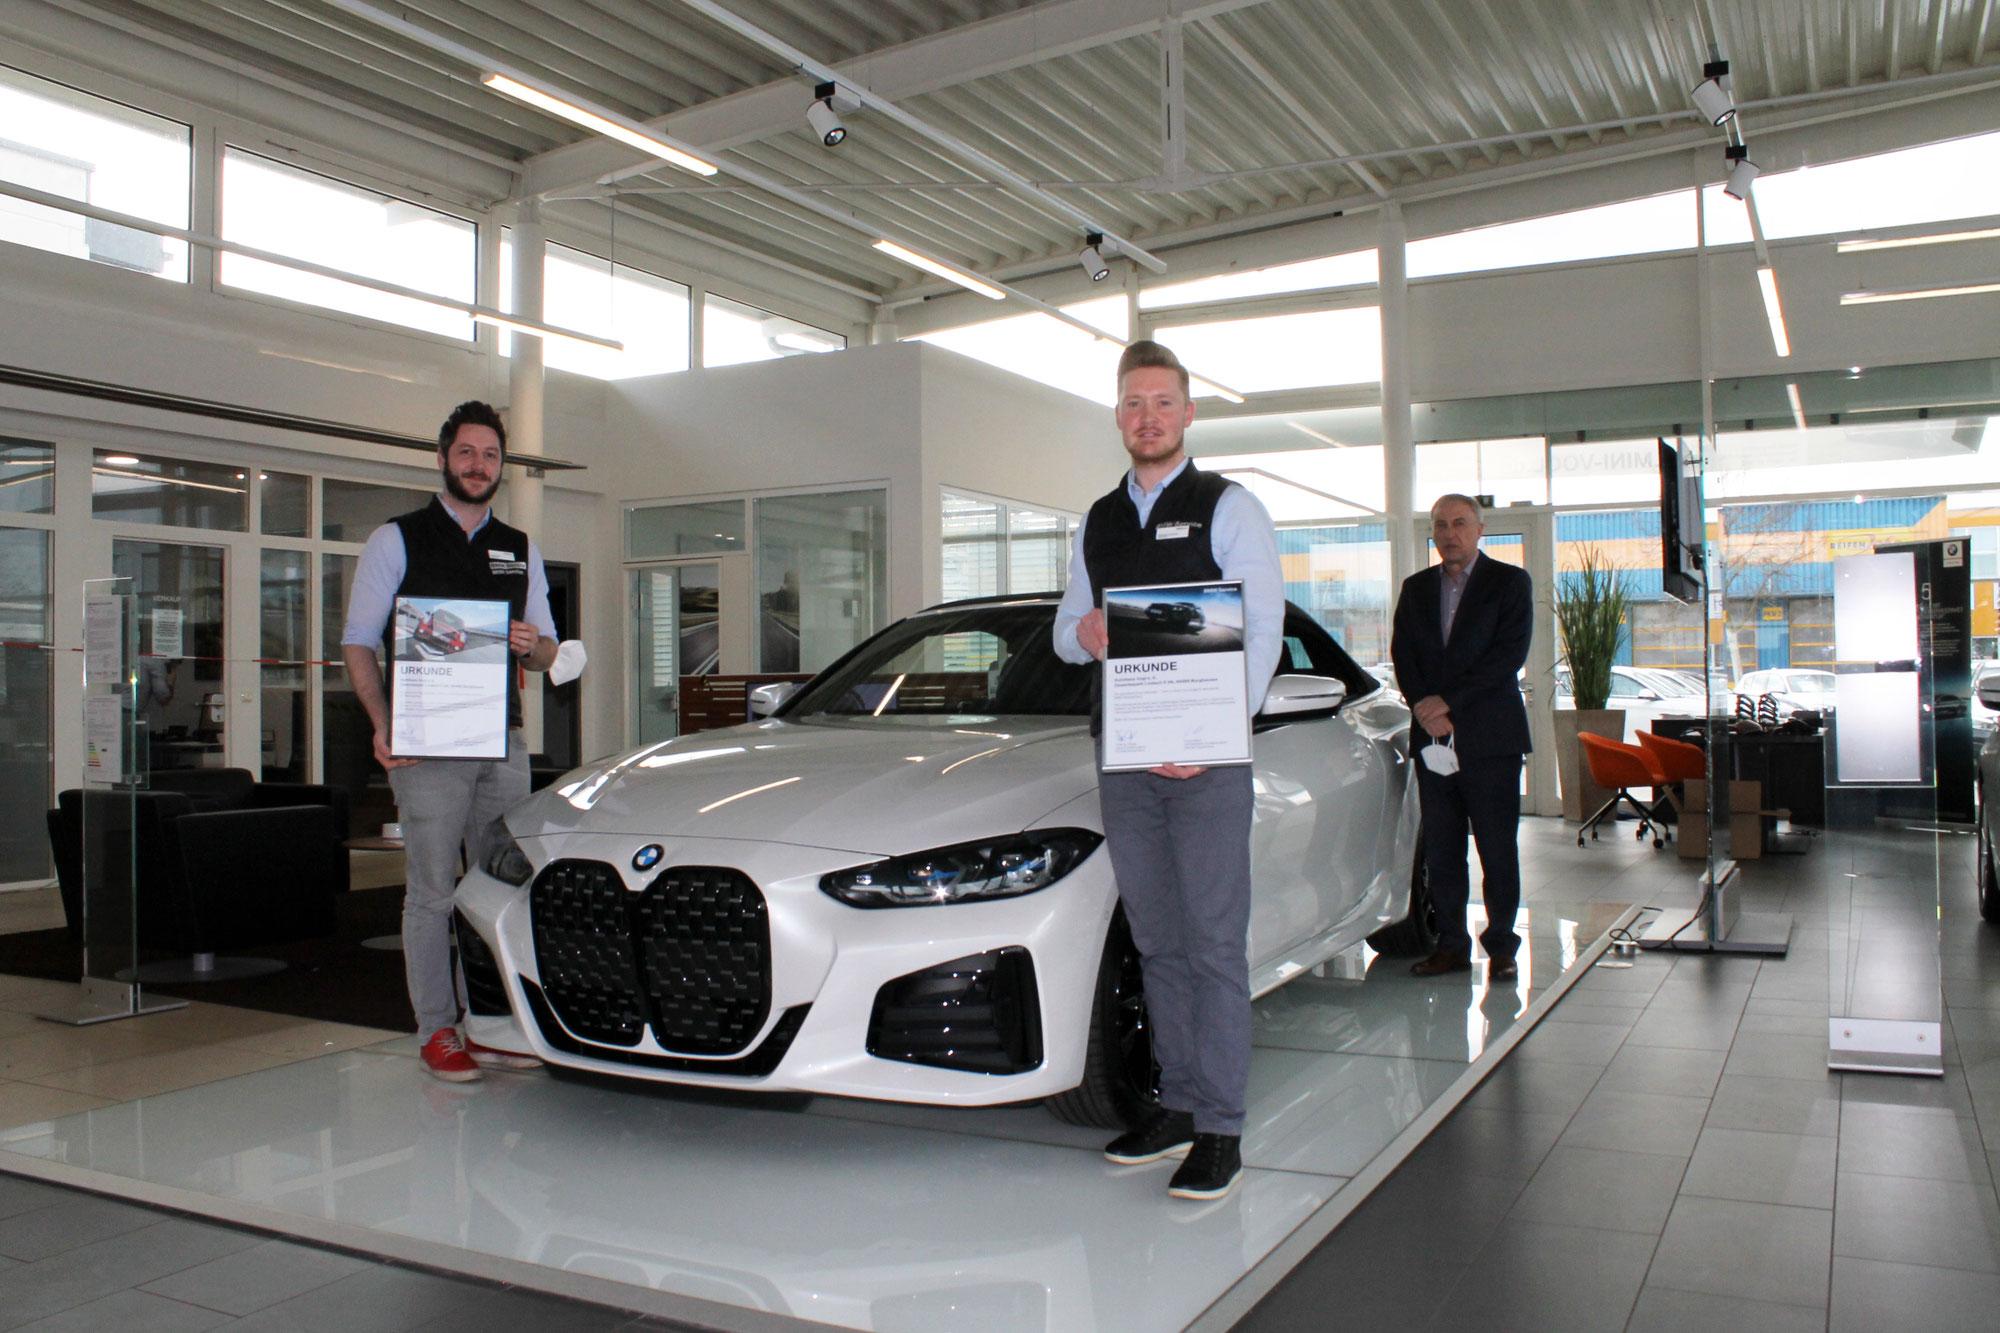 BMW VOGL erhält Urkunde für hervorragende Leistungen beim BMW Werkstatttest in Burghausen